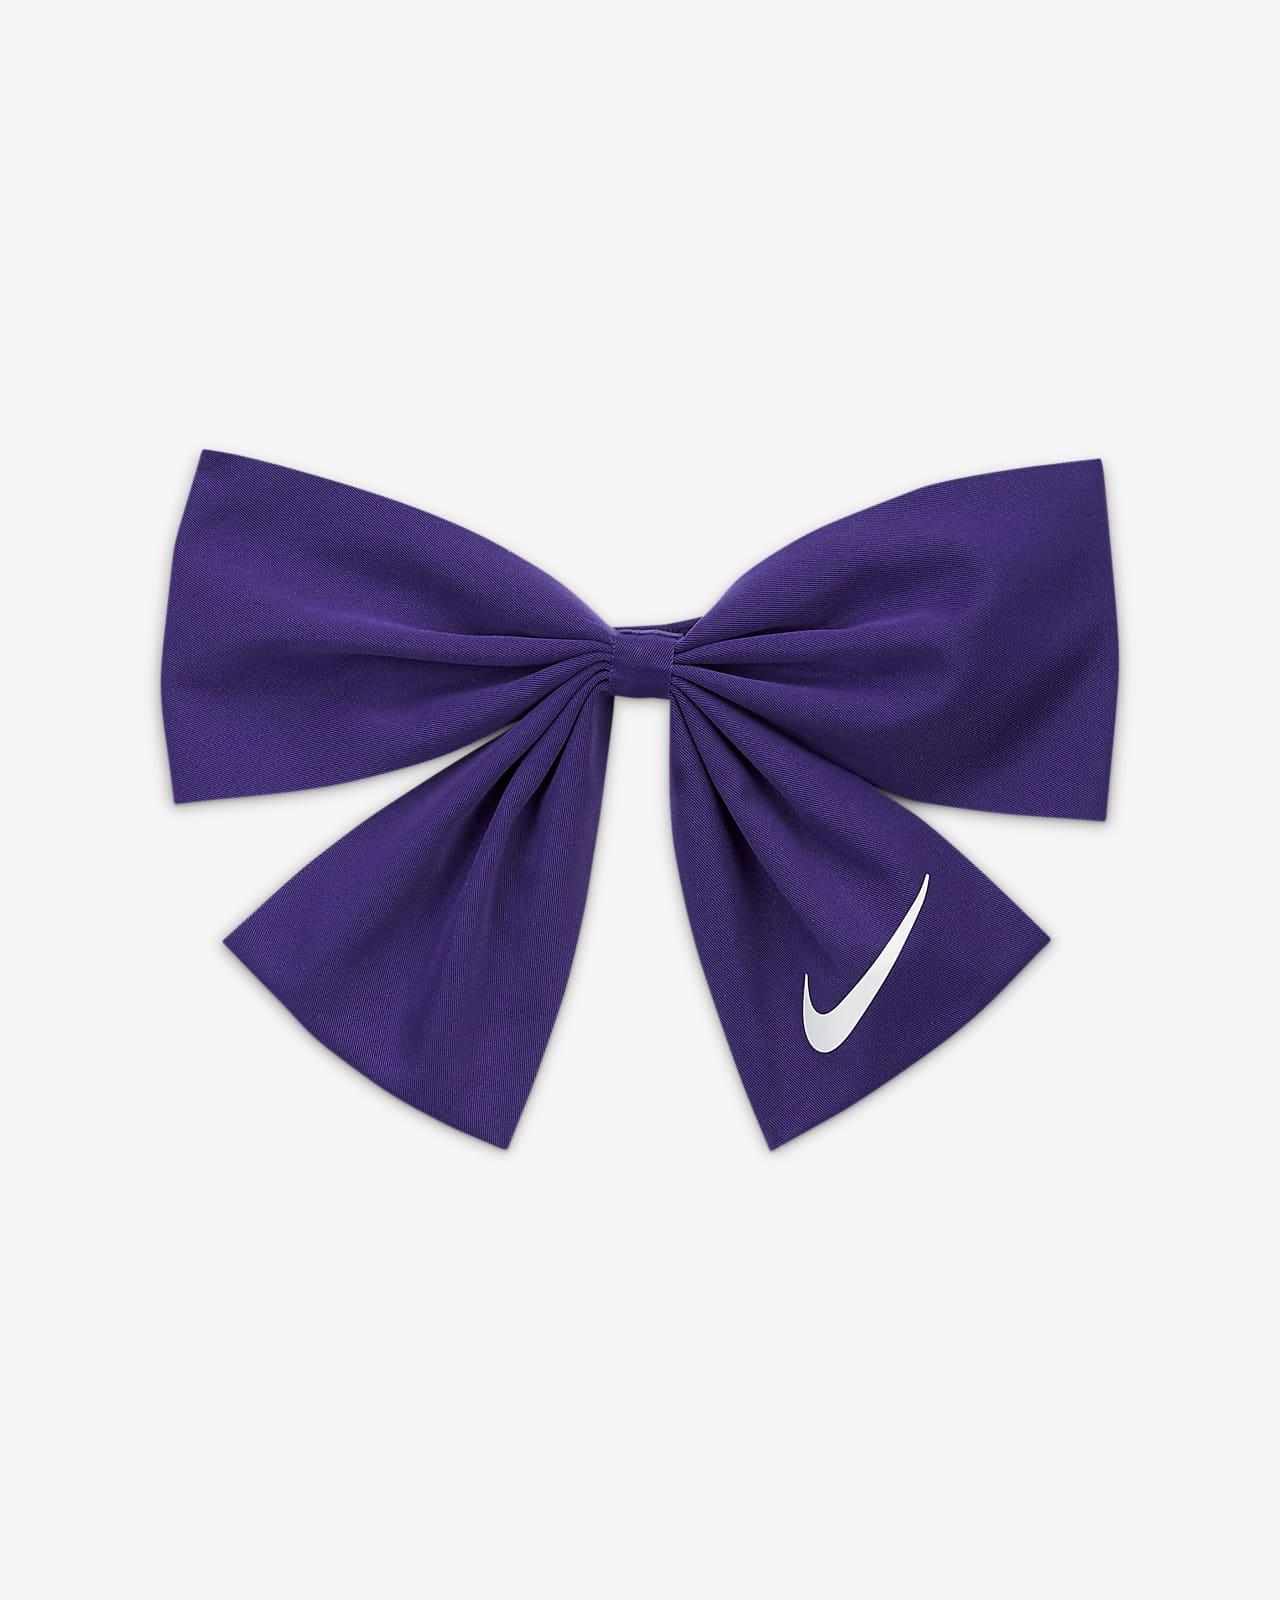 Nike 蝴蝶结发带